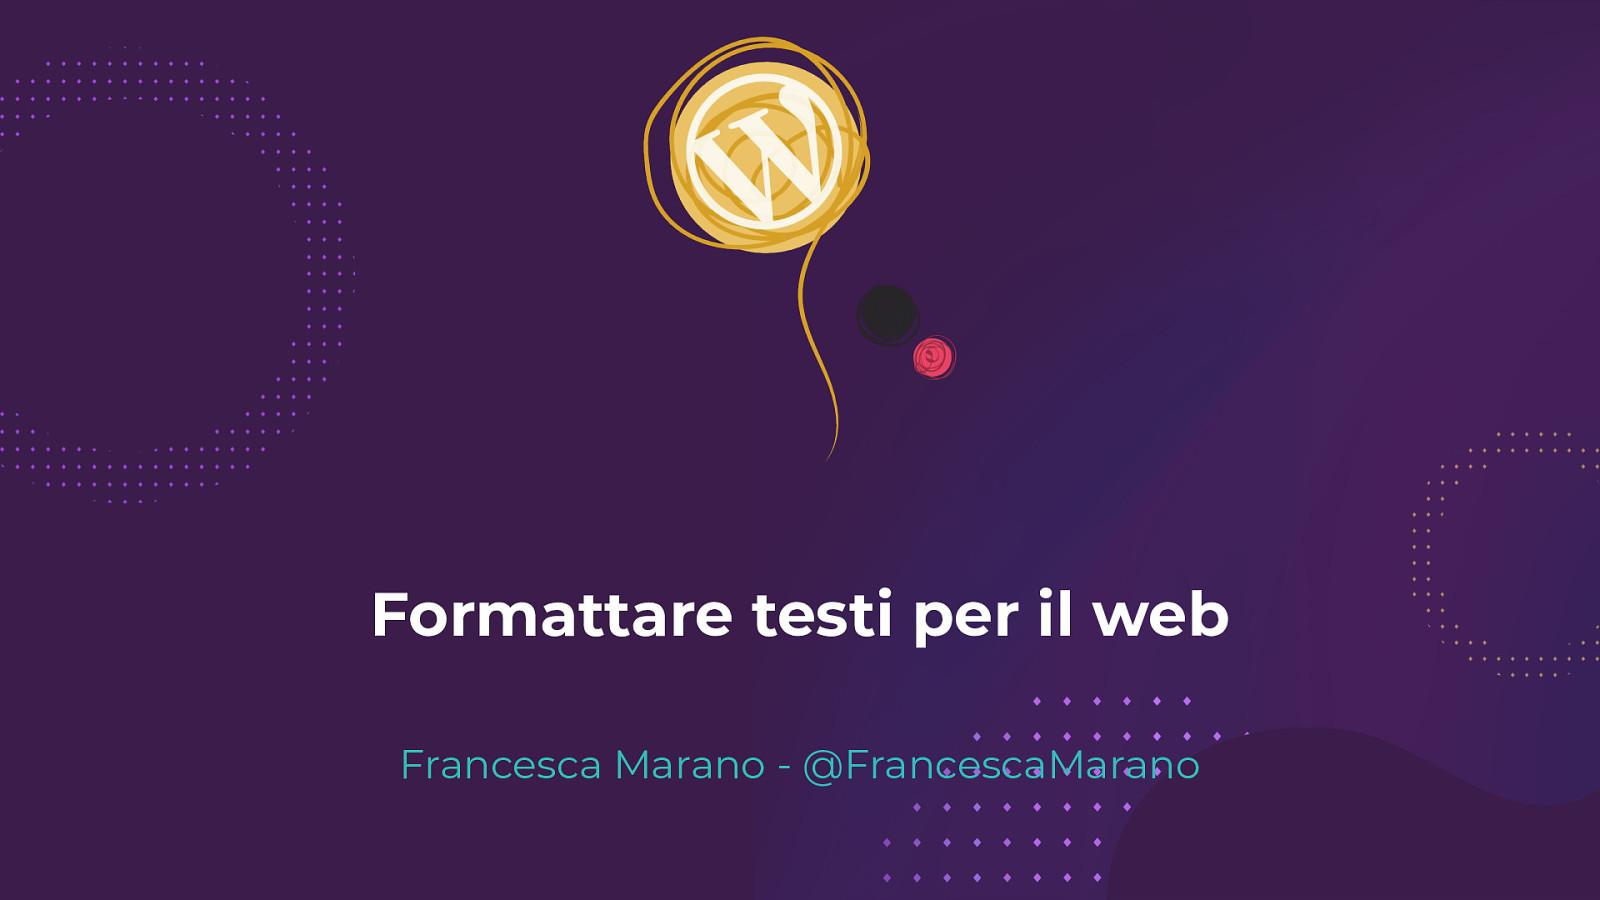 Formattare testi per il web